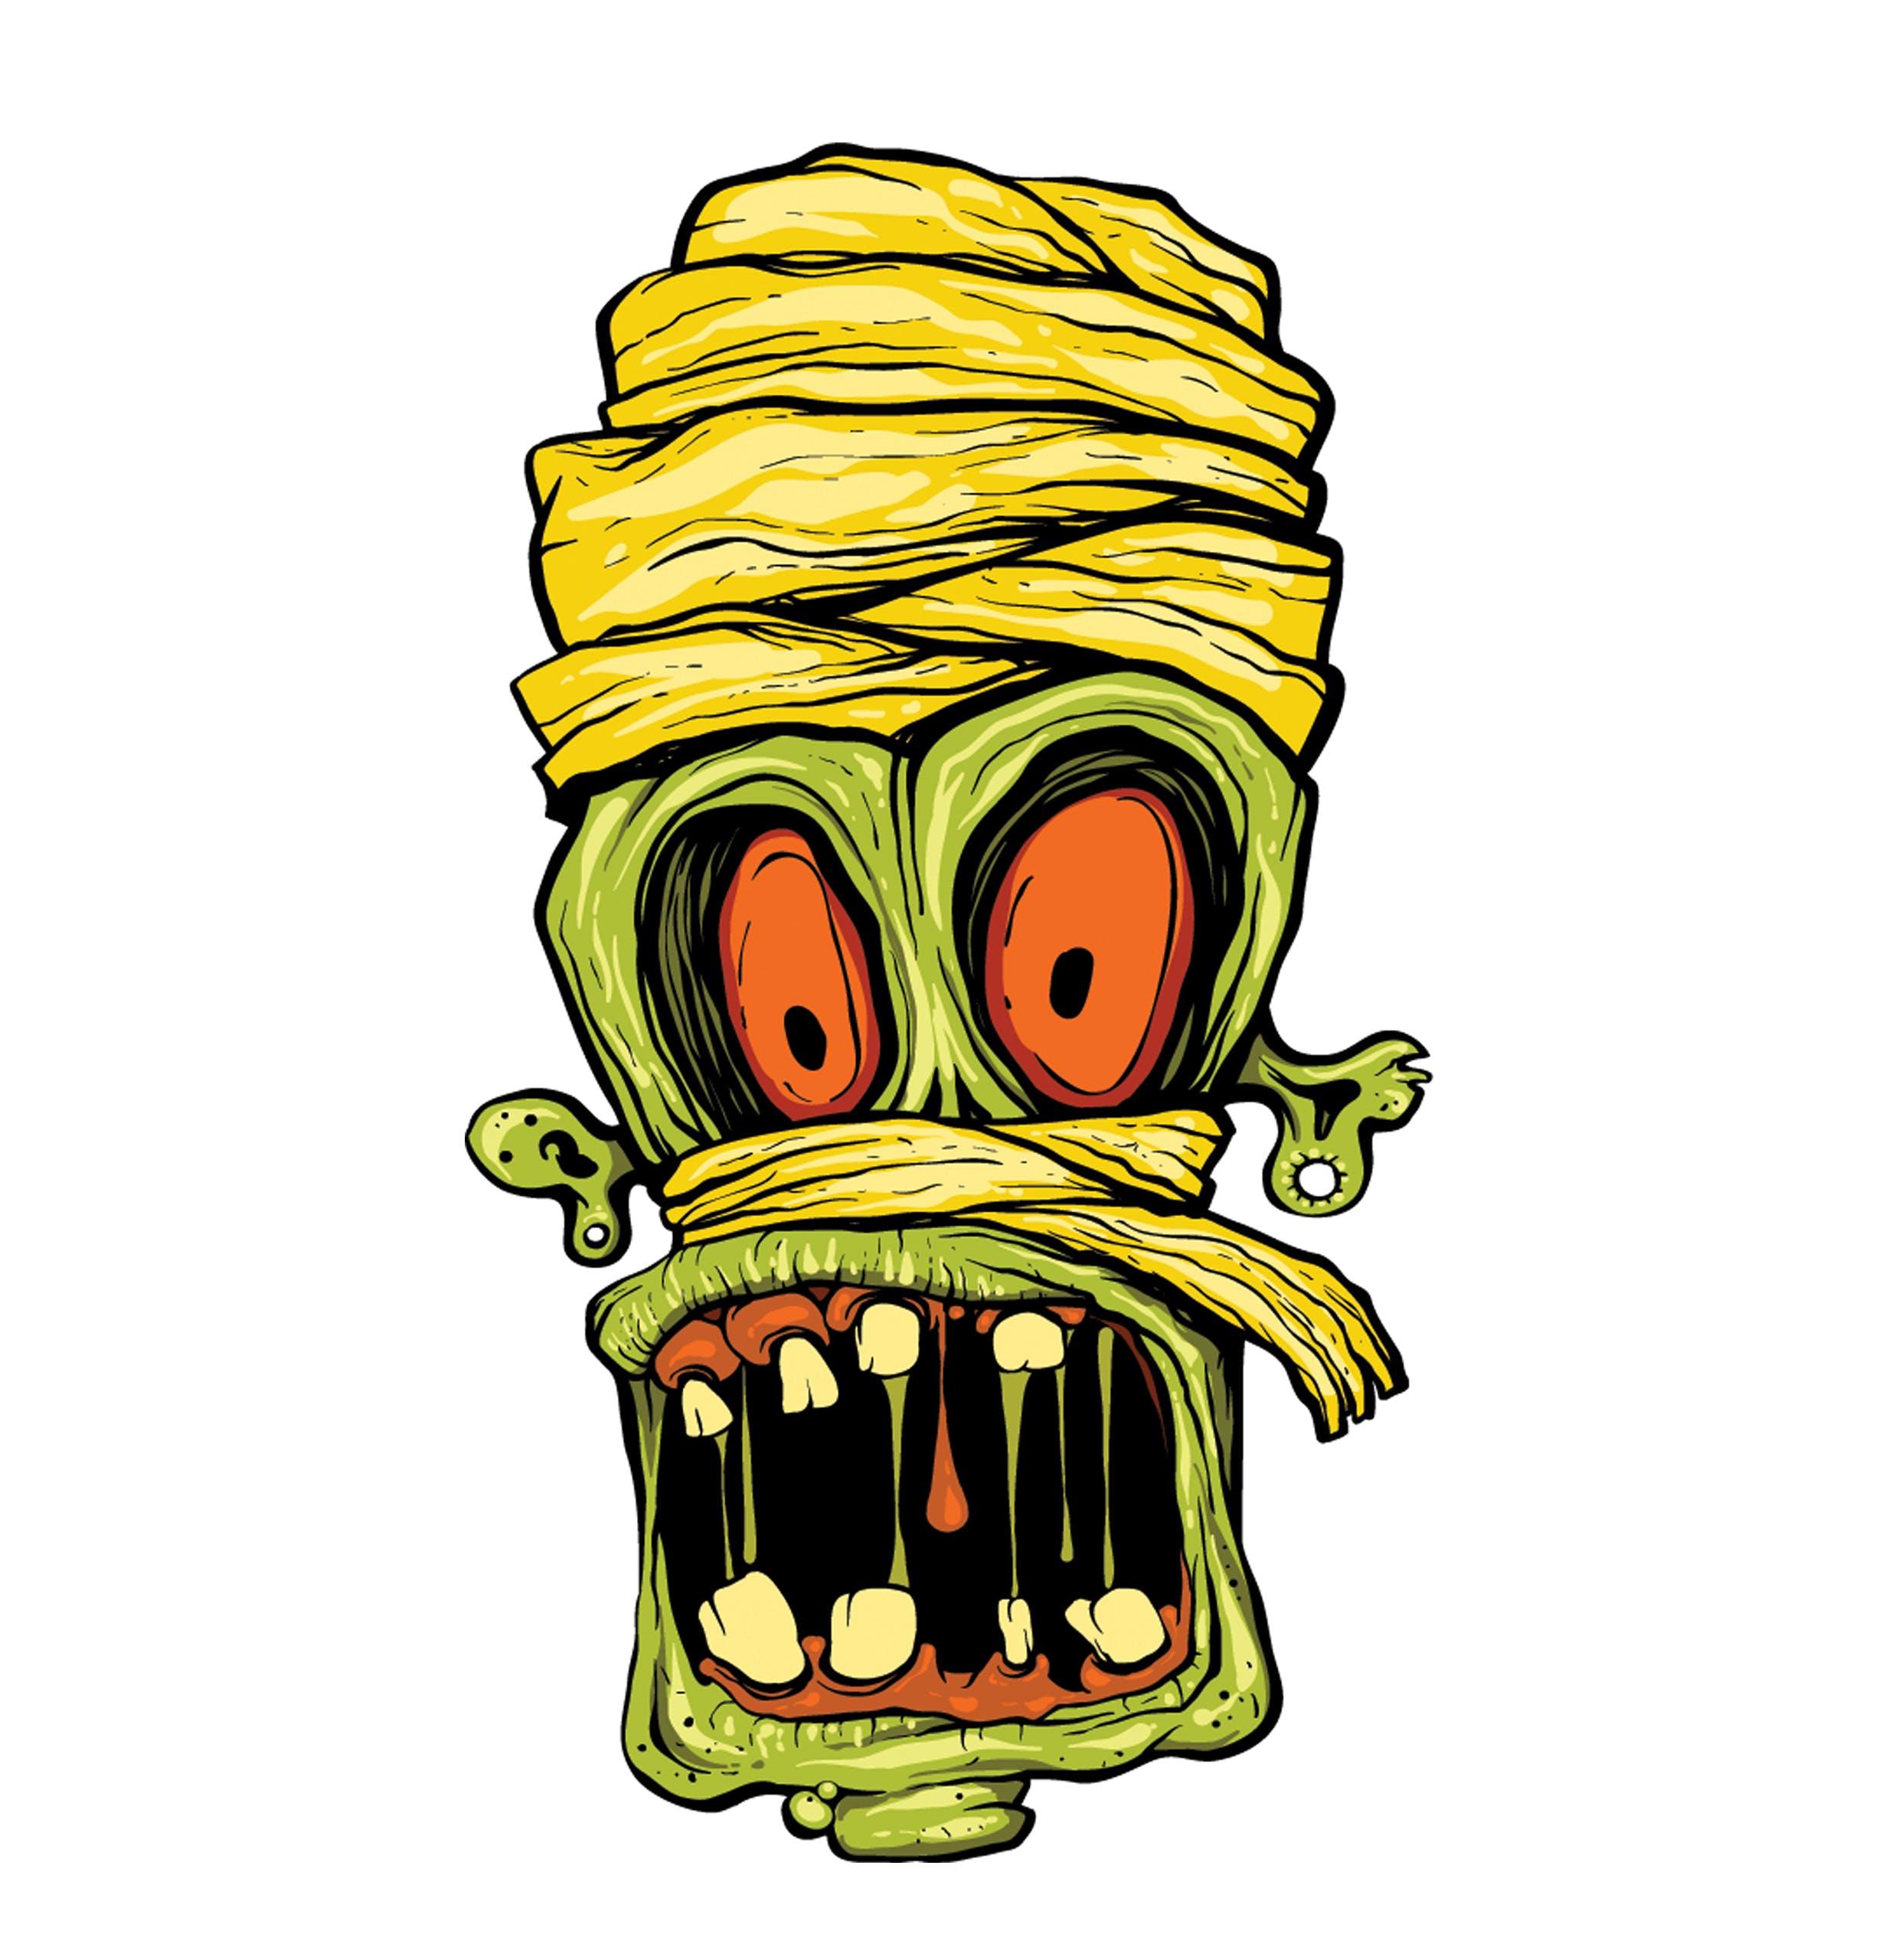 Undead funny Beano zombie